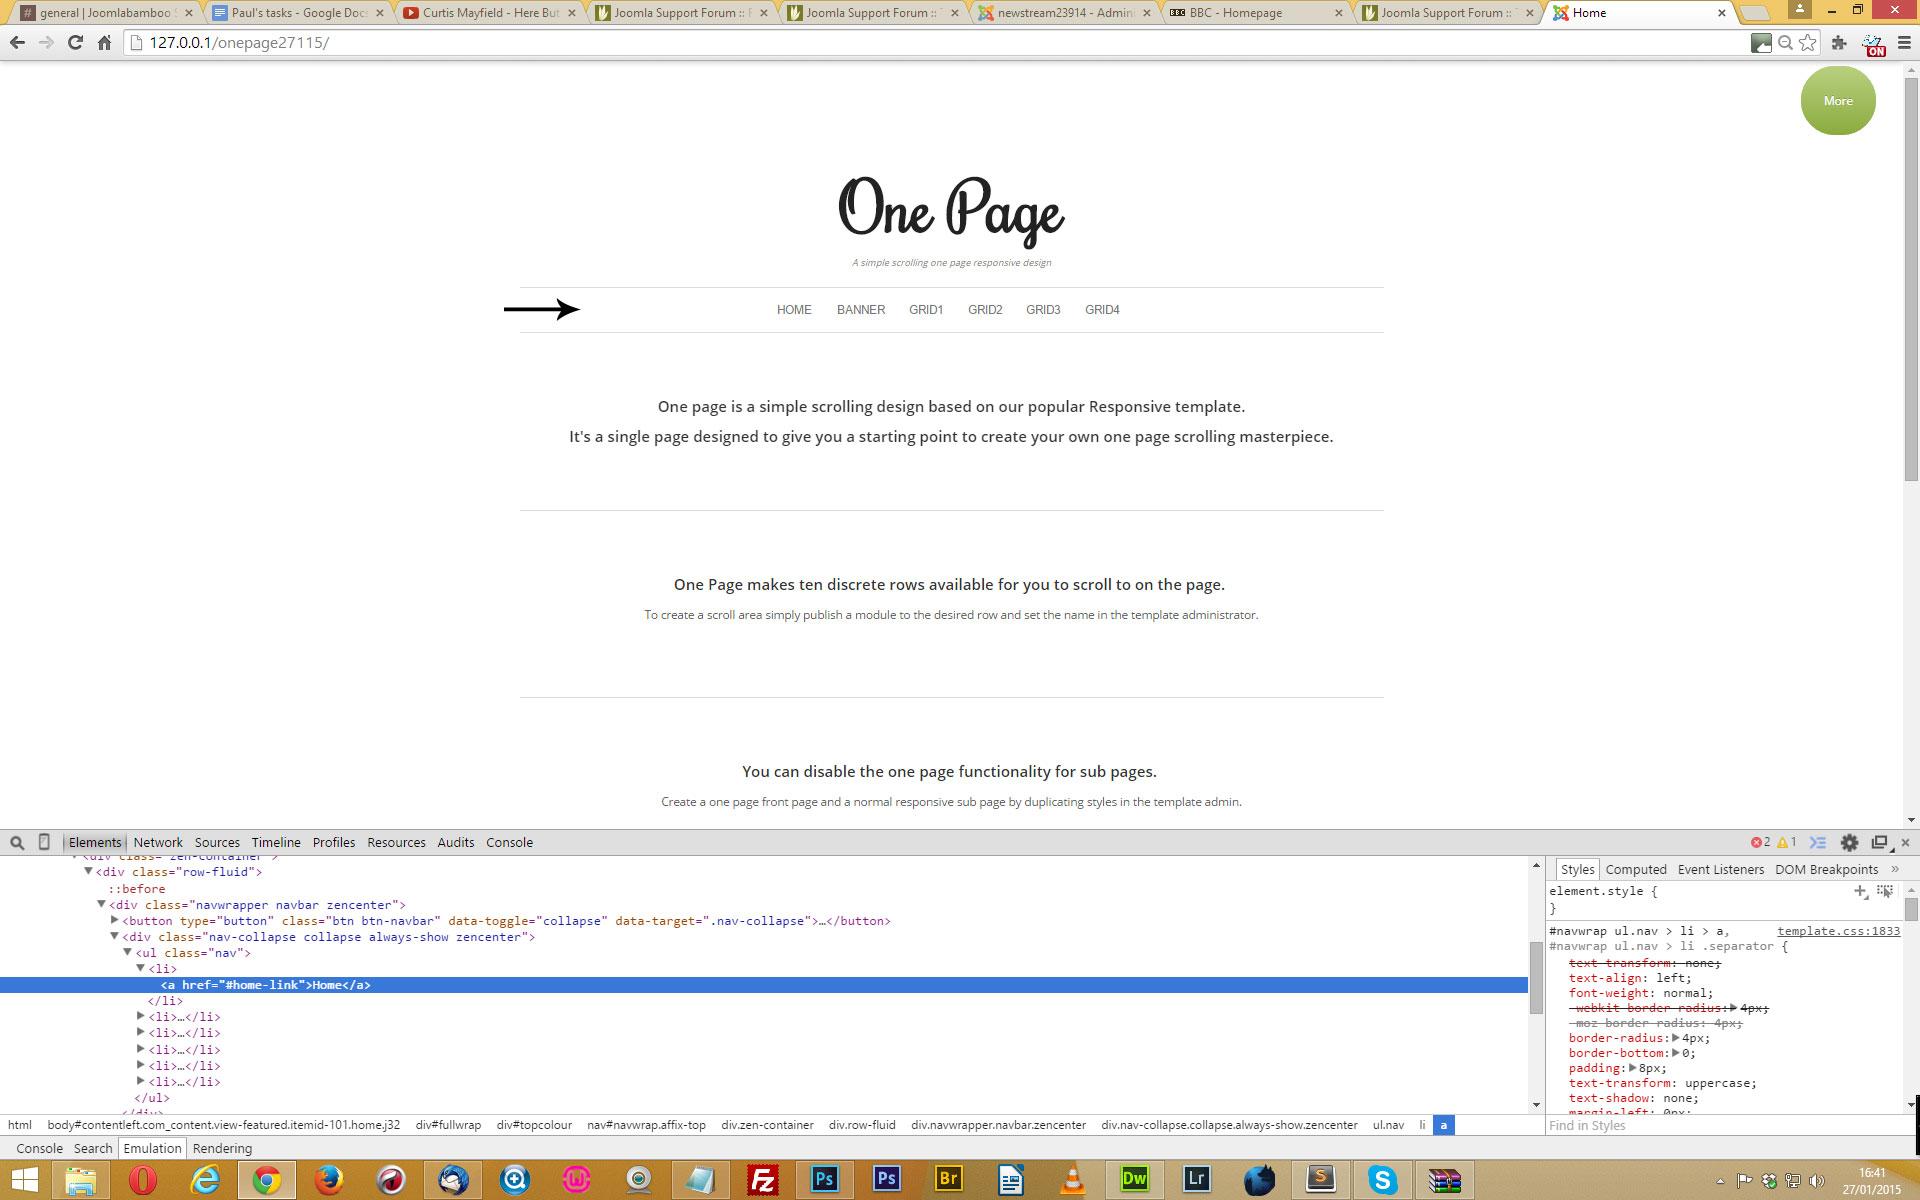 onepage-menu.jpg